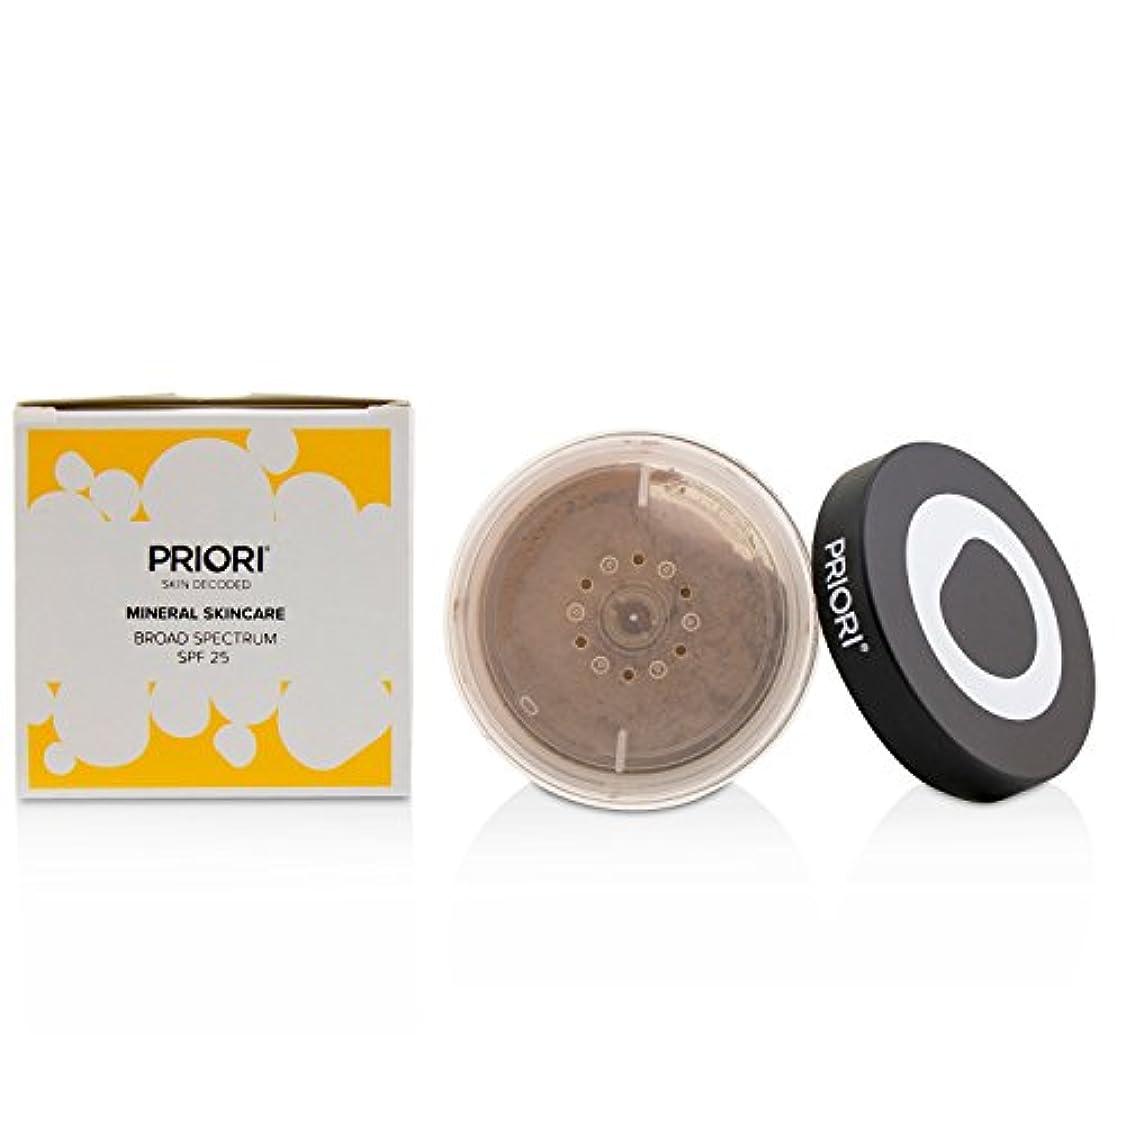 プリオリ Mineral Skincare Broad Spectrum SPF25 - # Shade 5 5g/0.17oz並行輸入品